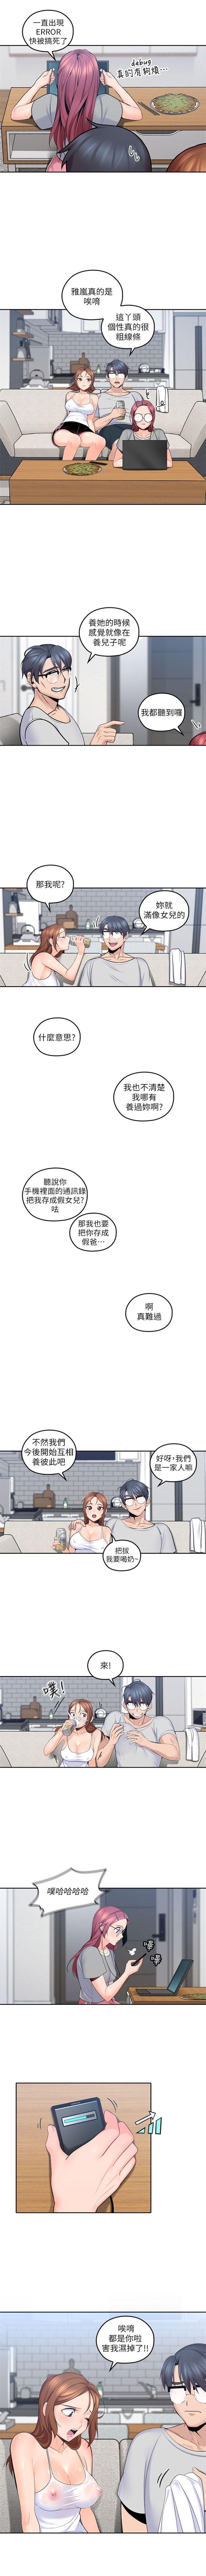 (週4)親愛的大叔 1-33 中文翻譯(更新中) 53